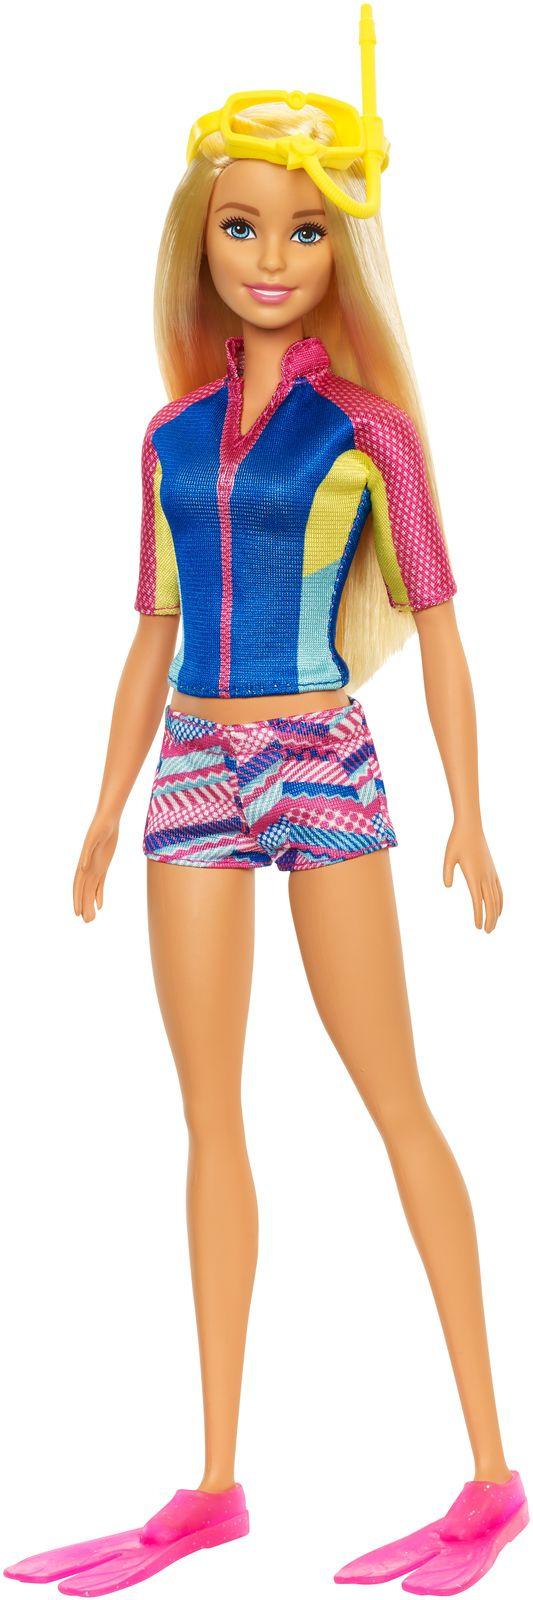 Barbie Морские приключения Кукла barbie кукла сестра барби морские приключения barbie fbd70